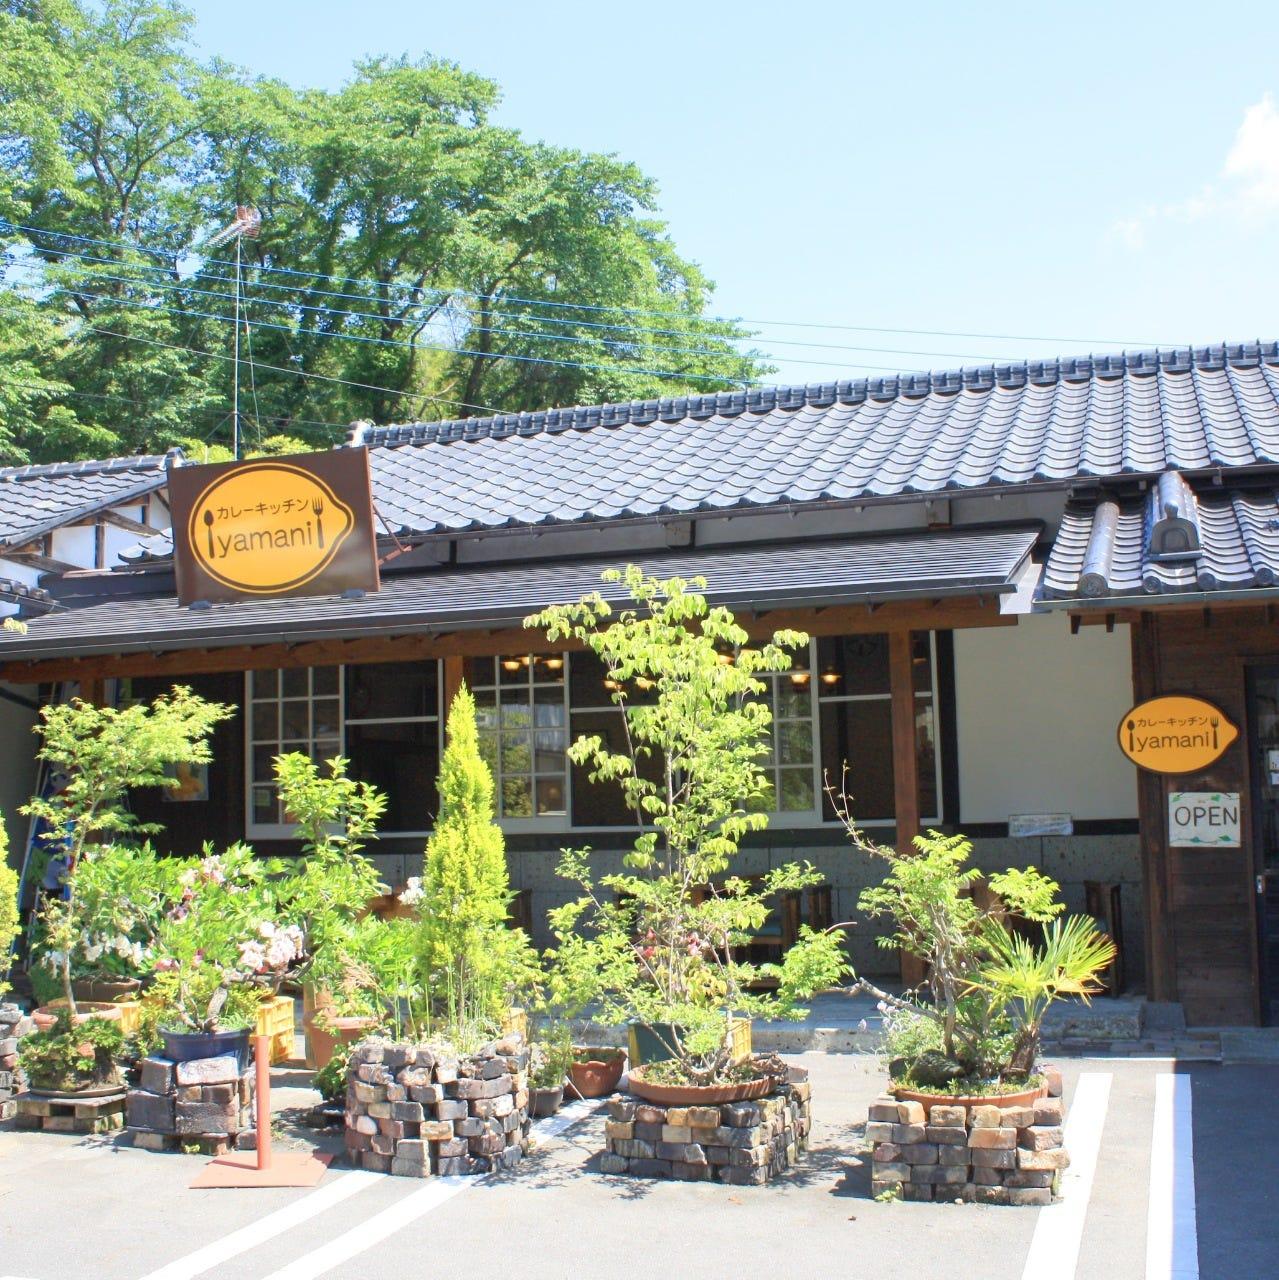 大谷石と木の温かみのある店内